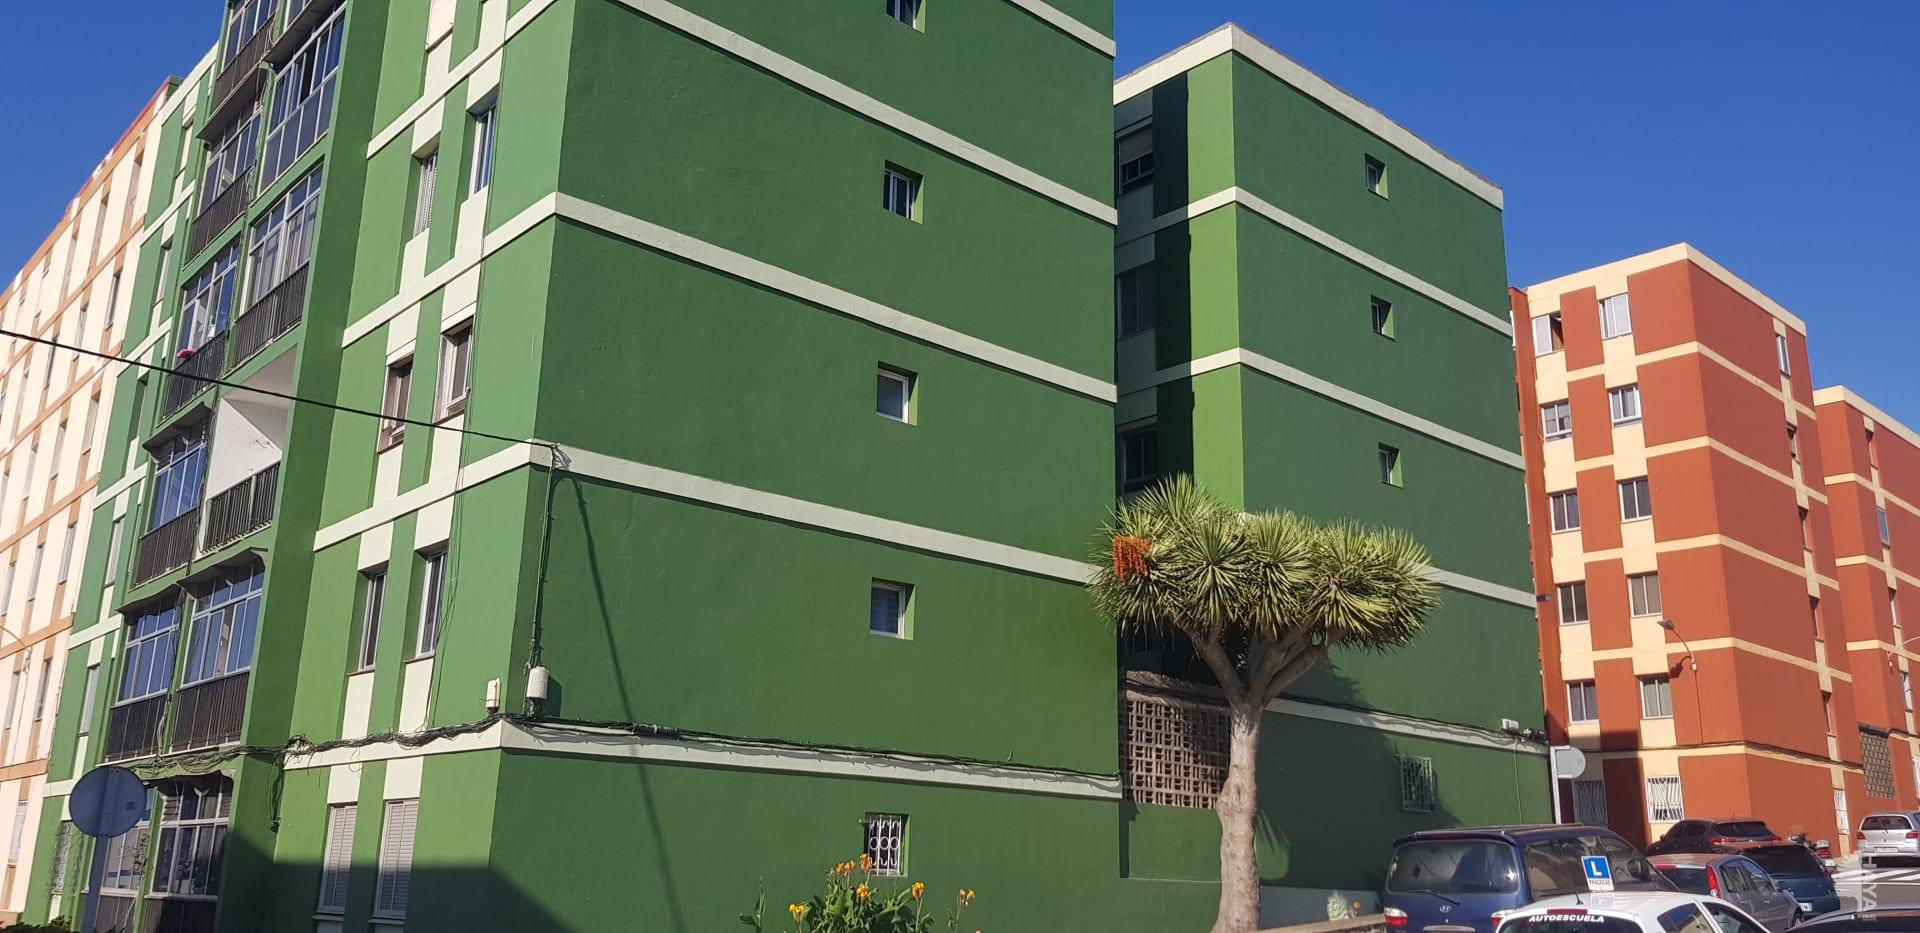 Piso en venta en Guajara, San Cristobal de la Laguna, Santa Cruz de Tenerife, Urbanización Chumberas, 46.620 €, 3 habitaciones, 1 baño, 87 m2